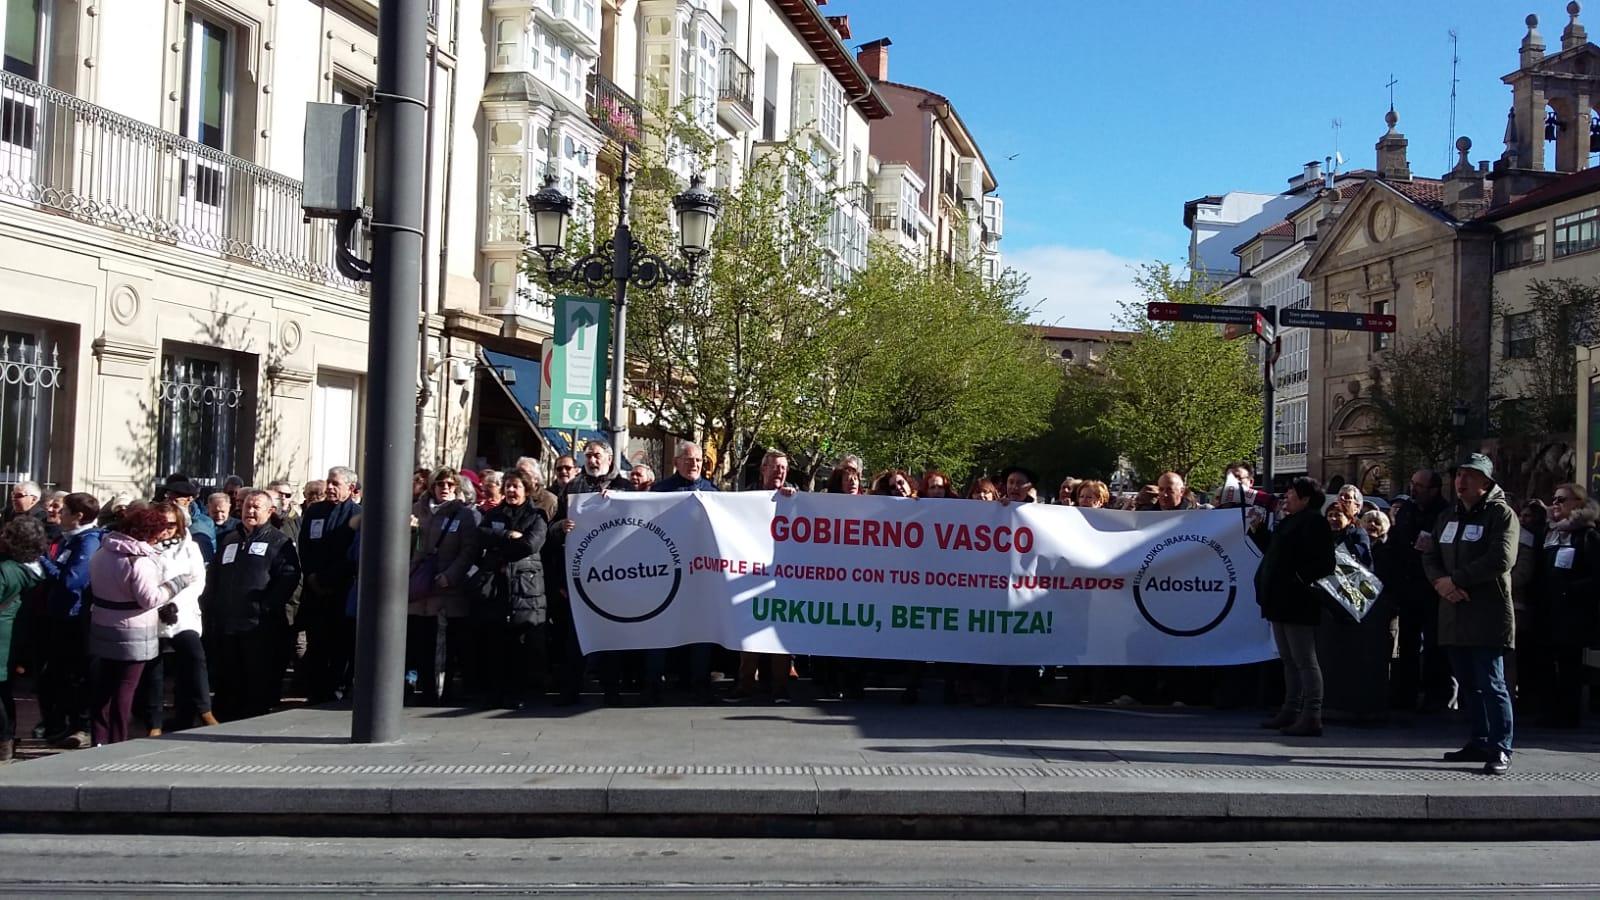 Concentraciones en el Parlamento Vasco. Abril